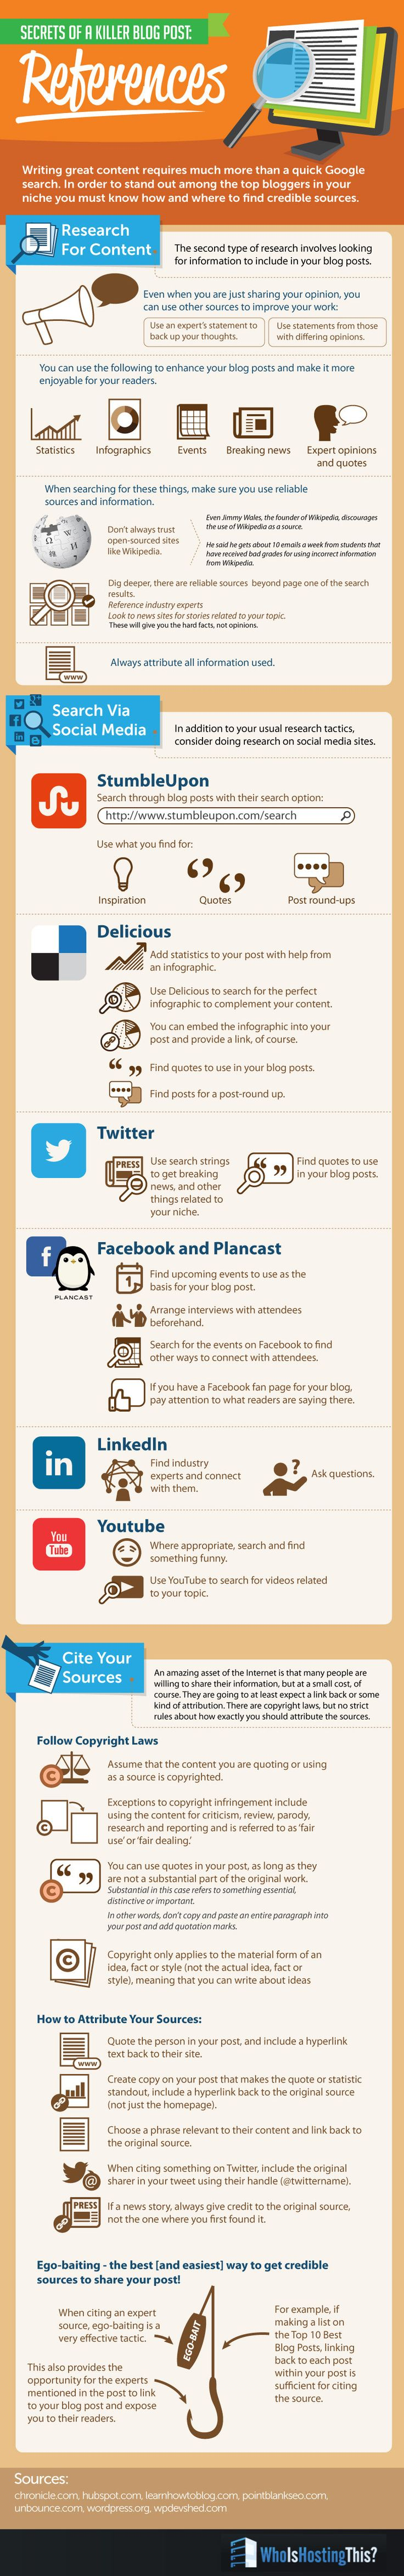 Secrets of a Killer Blog Post: References - #infographic #blogging